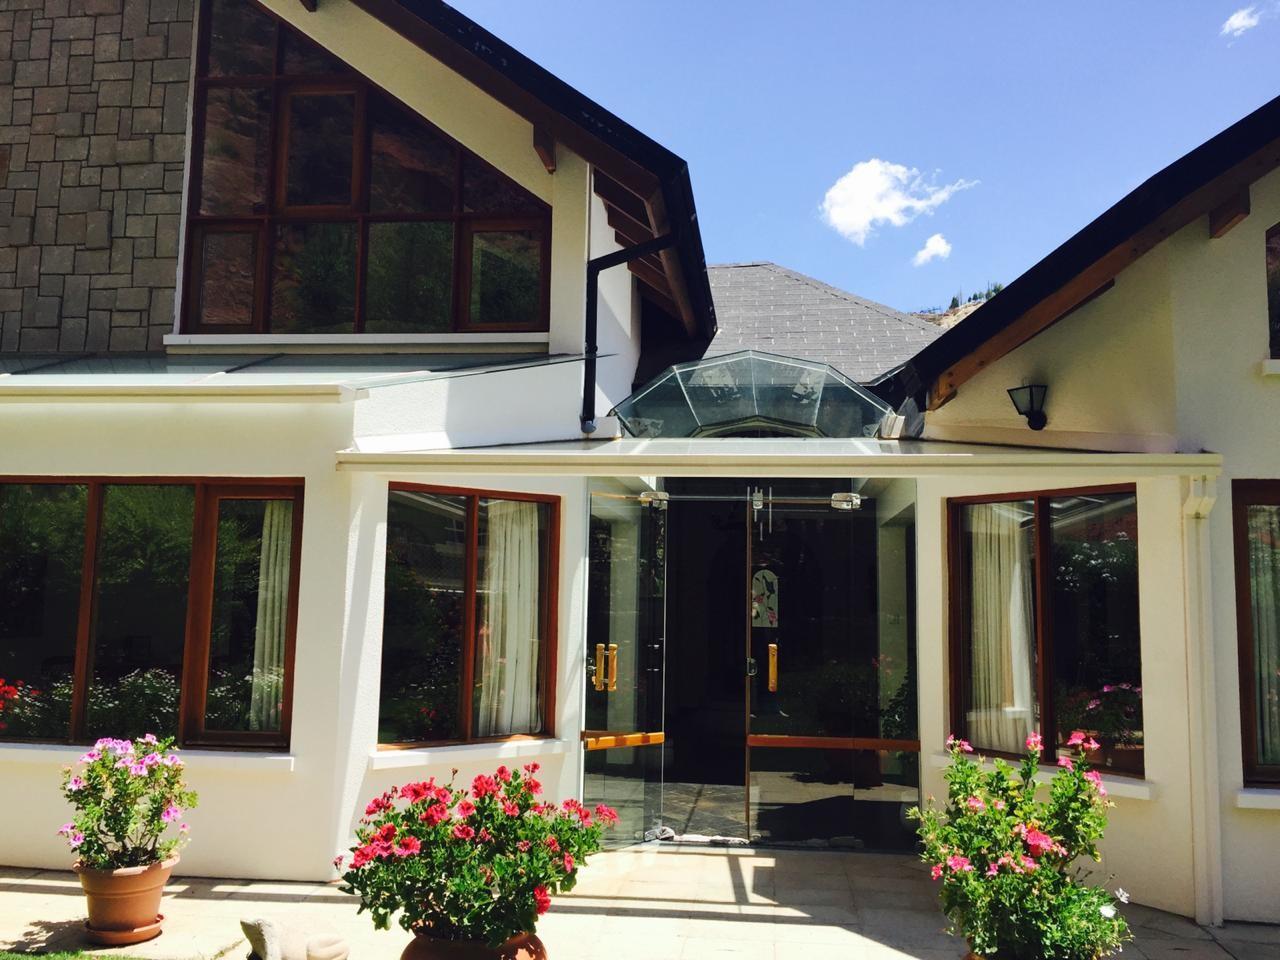 Casa en Alquiler CASA EN ALQUILER ARANJUEZ Foto 12